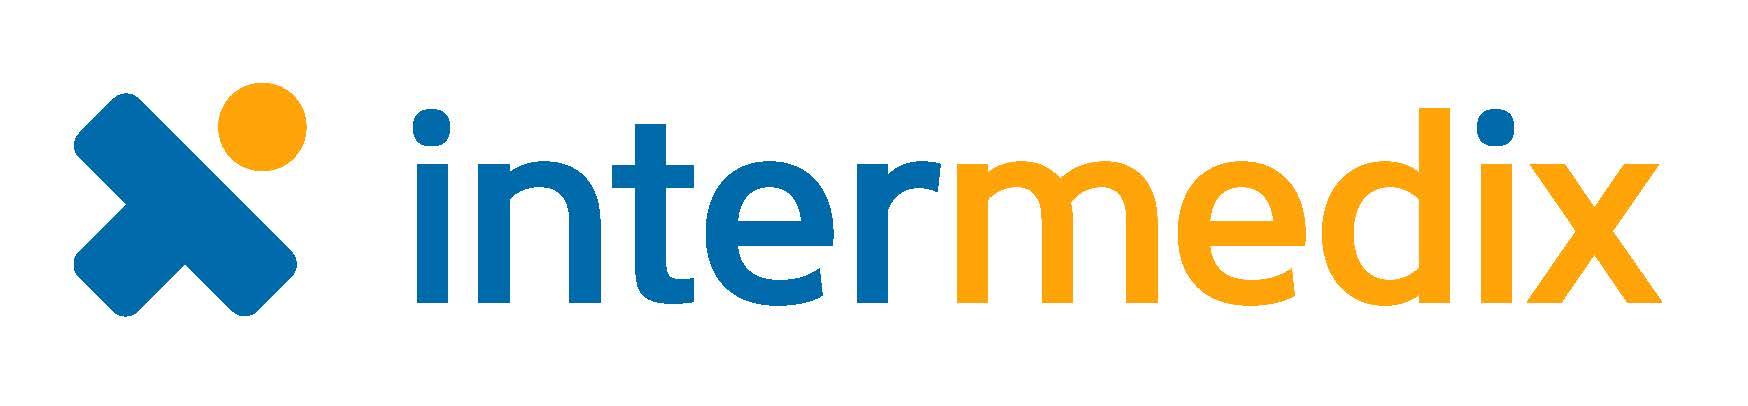 Intermedix Logo 2015.jpg